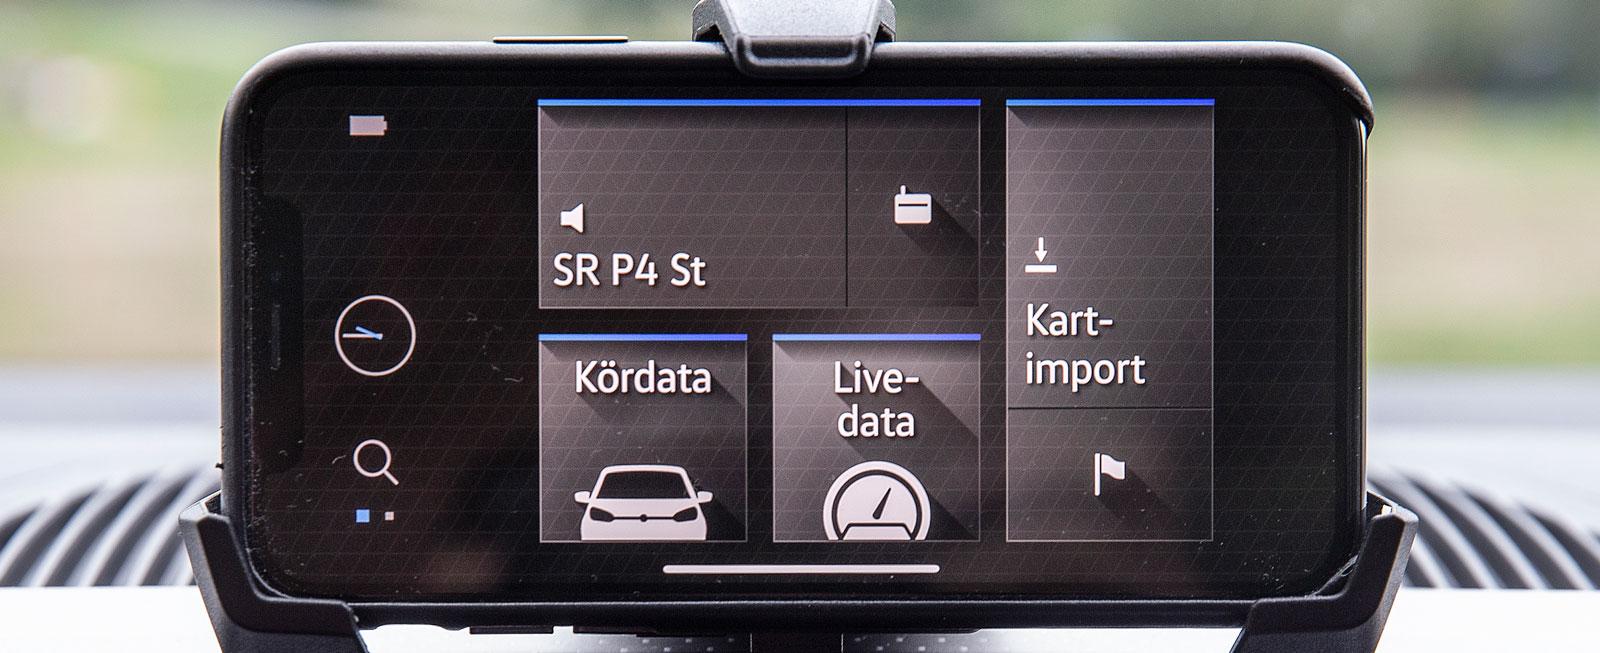 I VW Up får den egna telefonen fungera som me-dieskärm. Tillsammans med VW:s gratisapp Maps & More fungerar systemet lika bra som en fast monterad skärm.